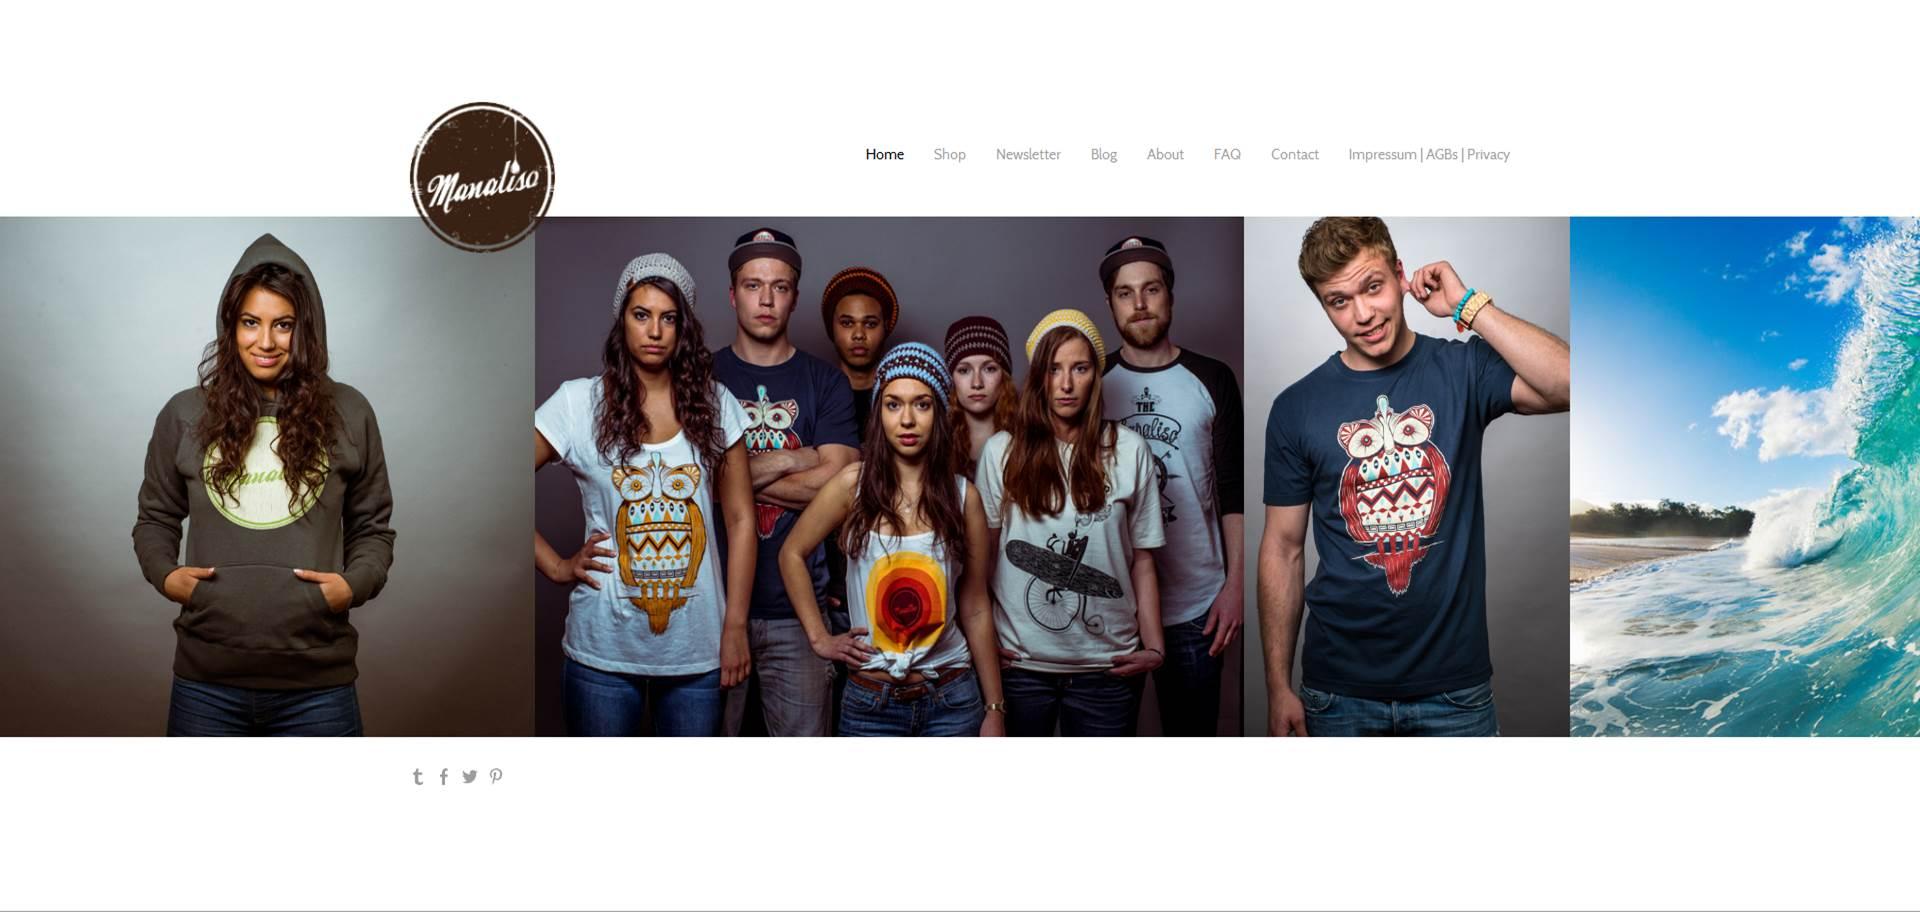 Webdesign und Erstellung Homepage inkl. Shopsystem sowie Social-Media-Marketing für das Modelabel: Manaliso